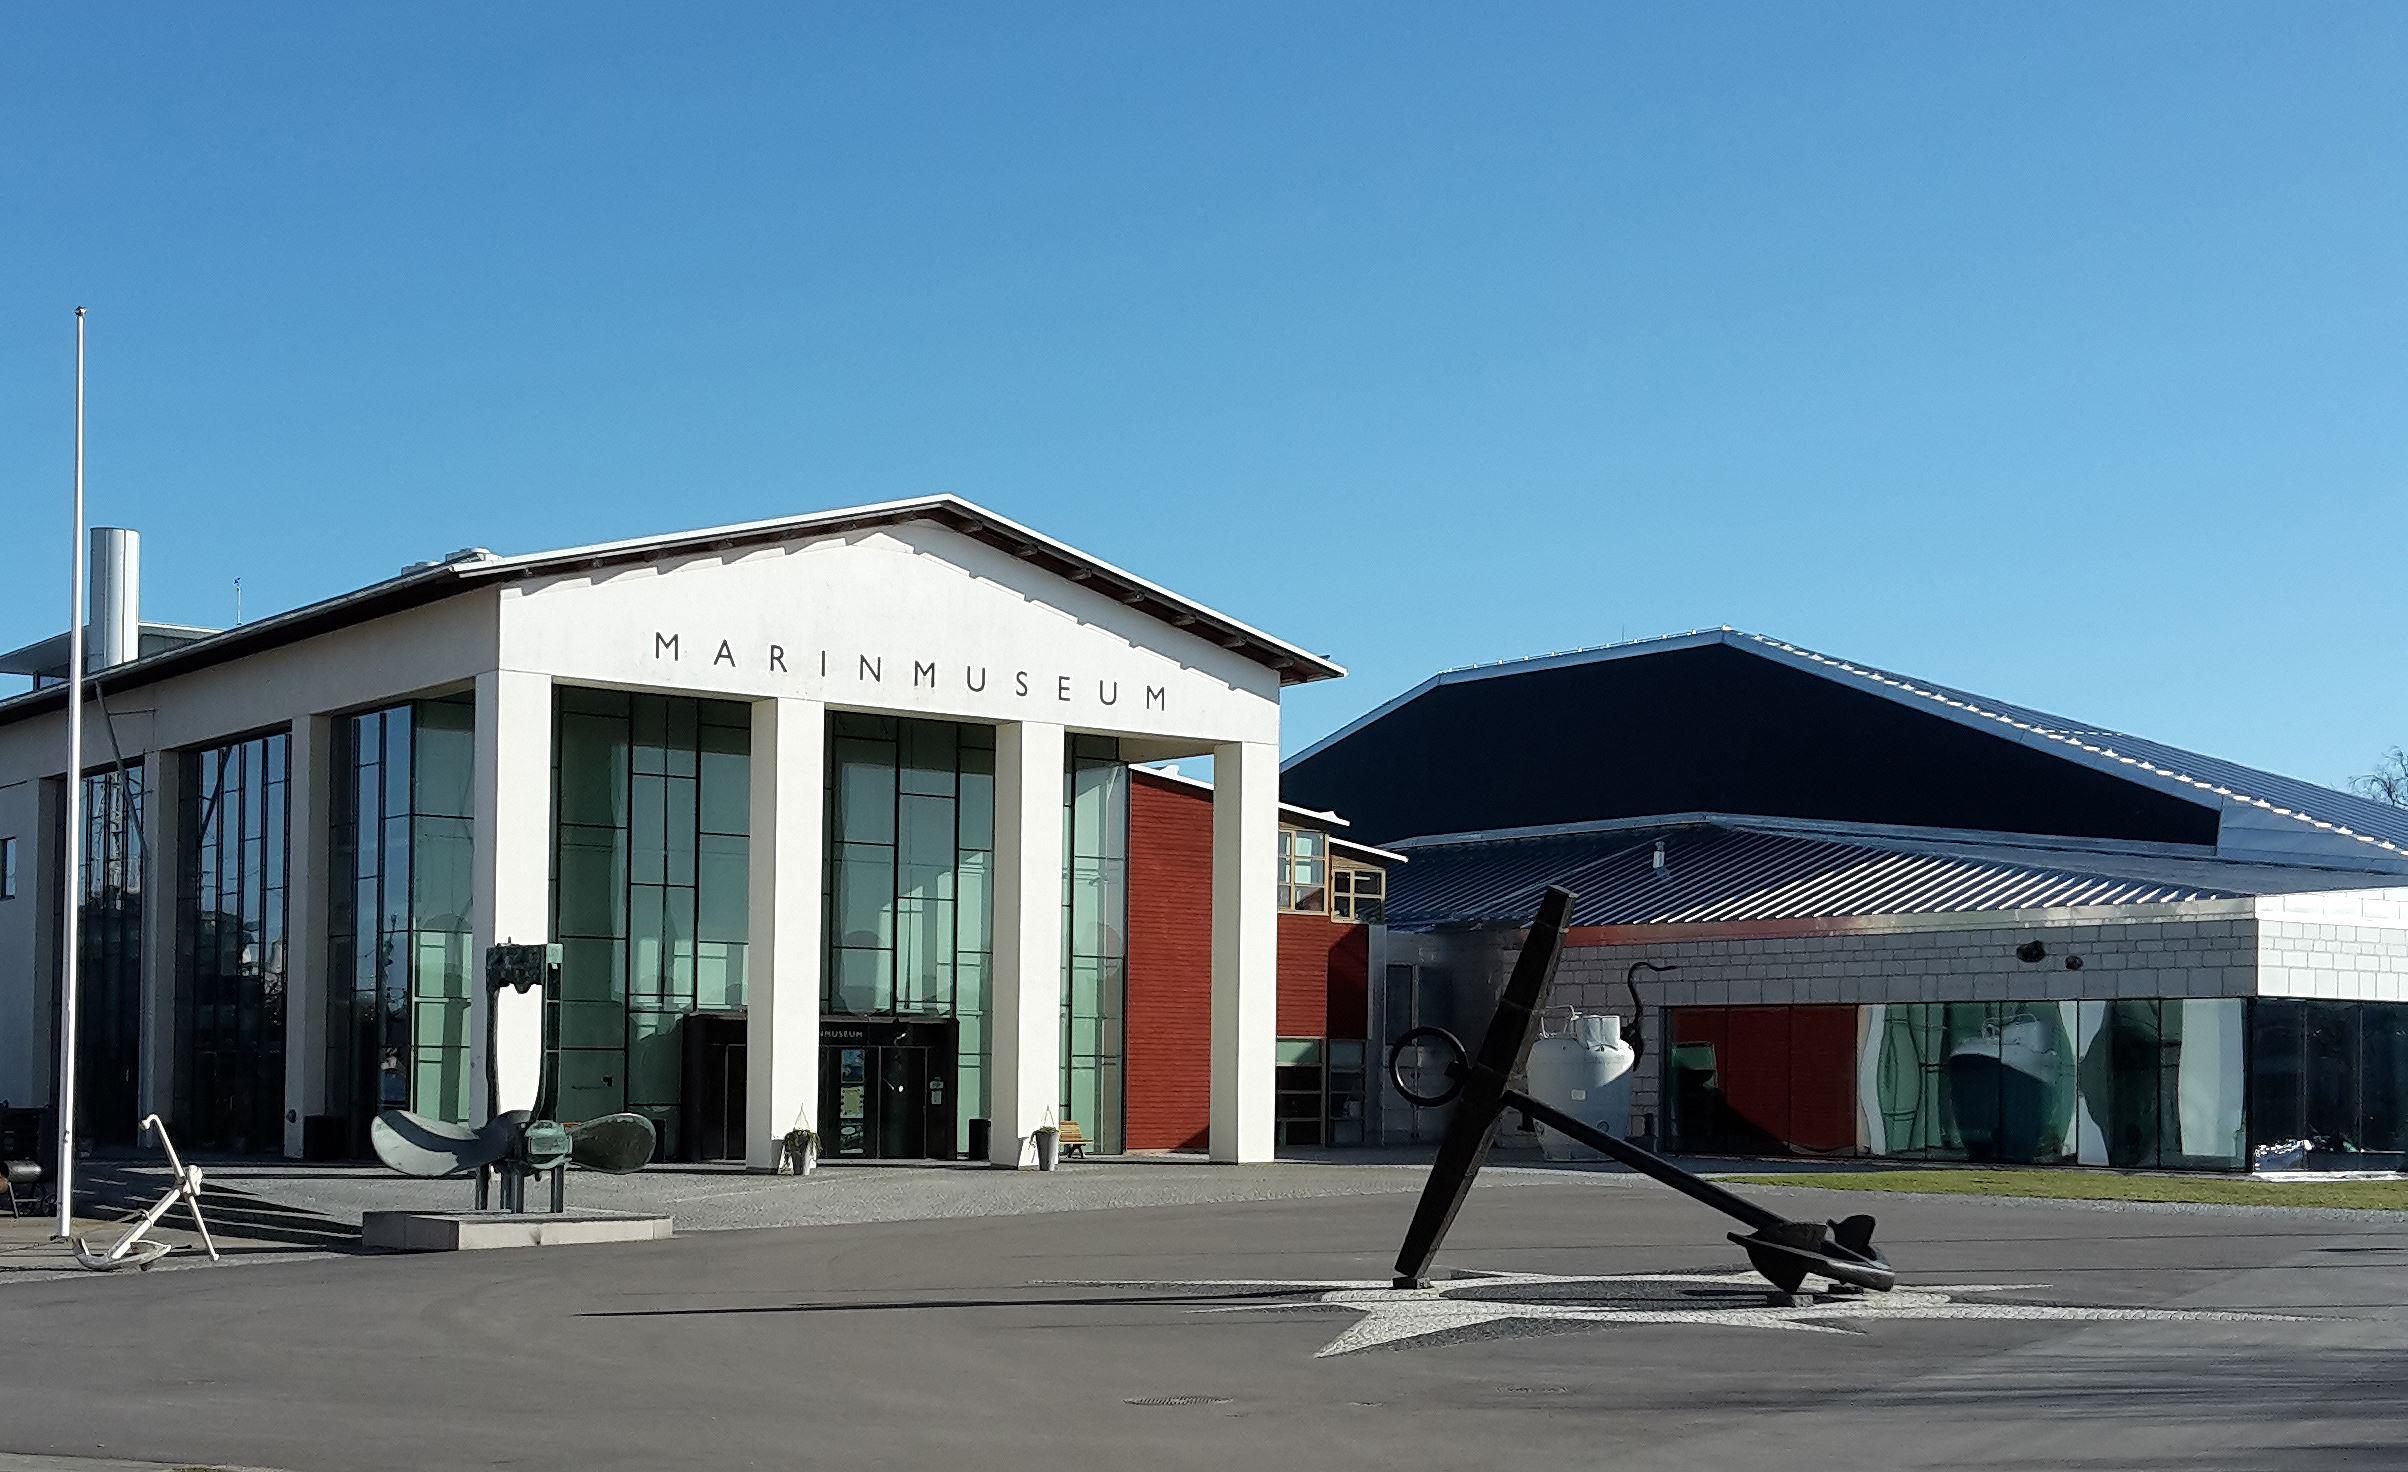 Visning av galjonsbilderna - Marinmuseum